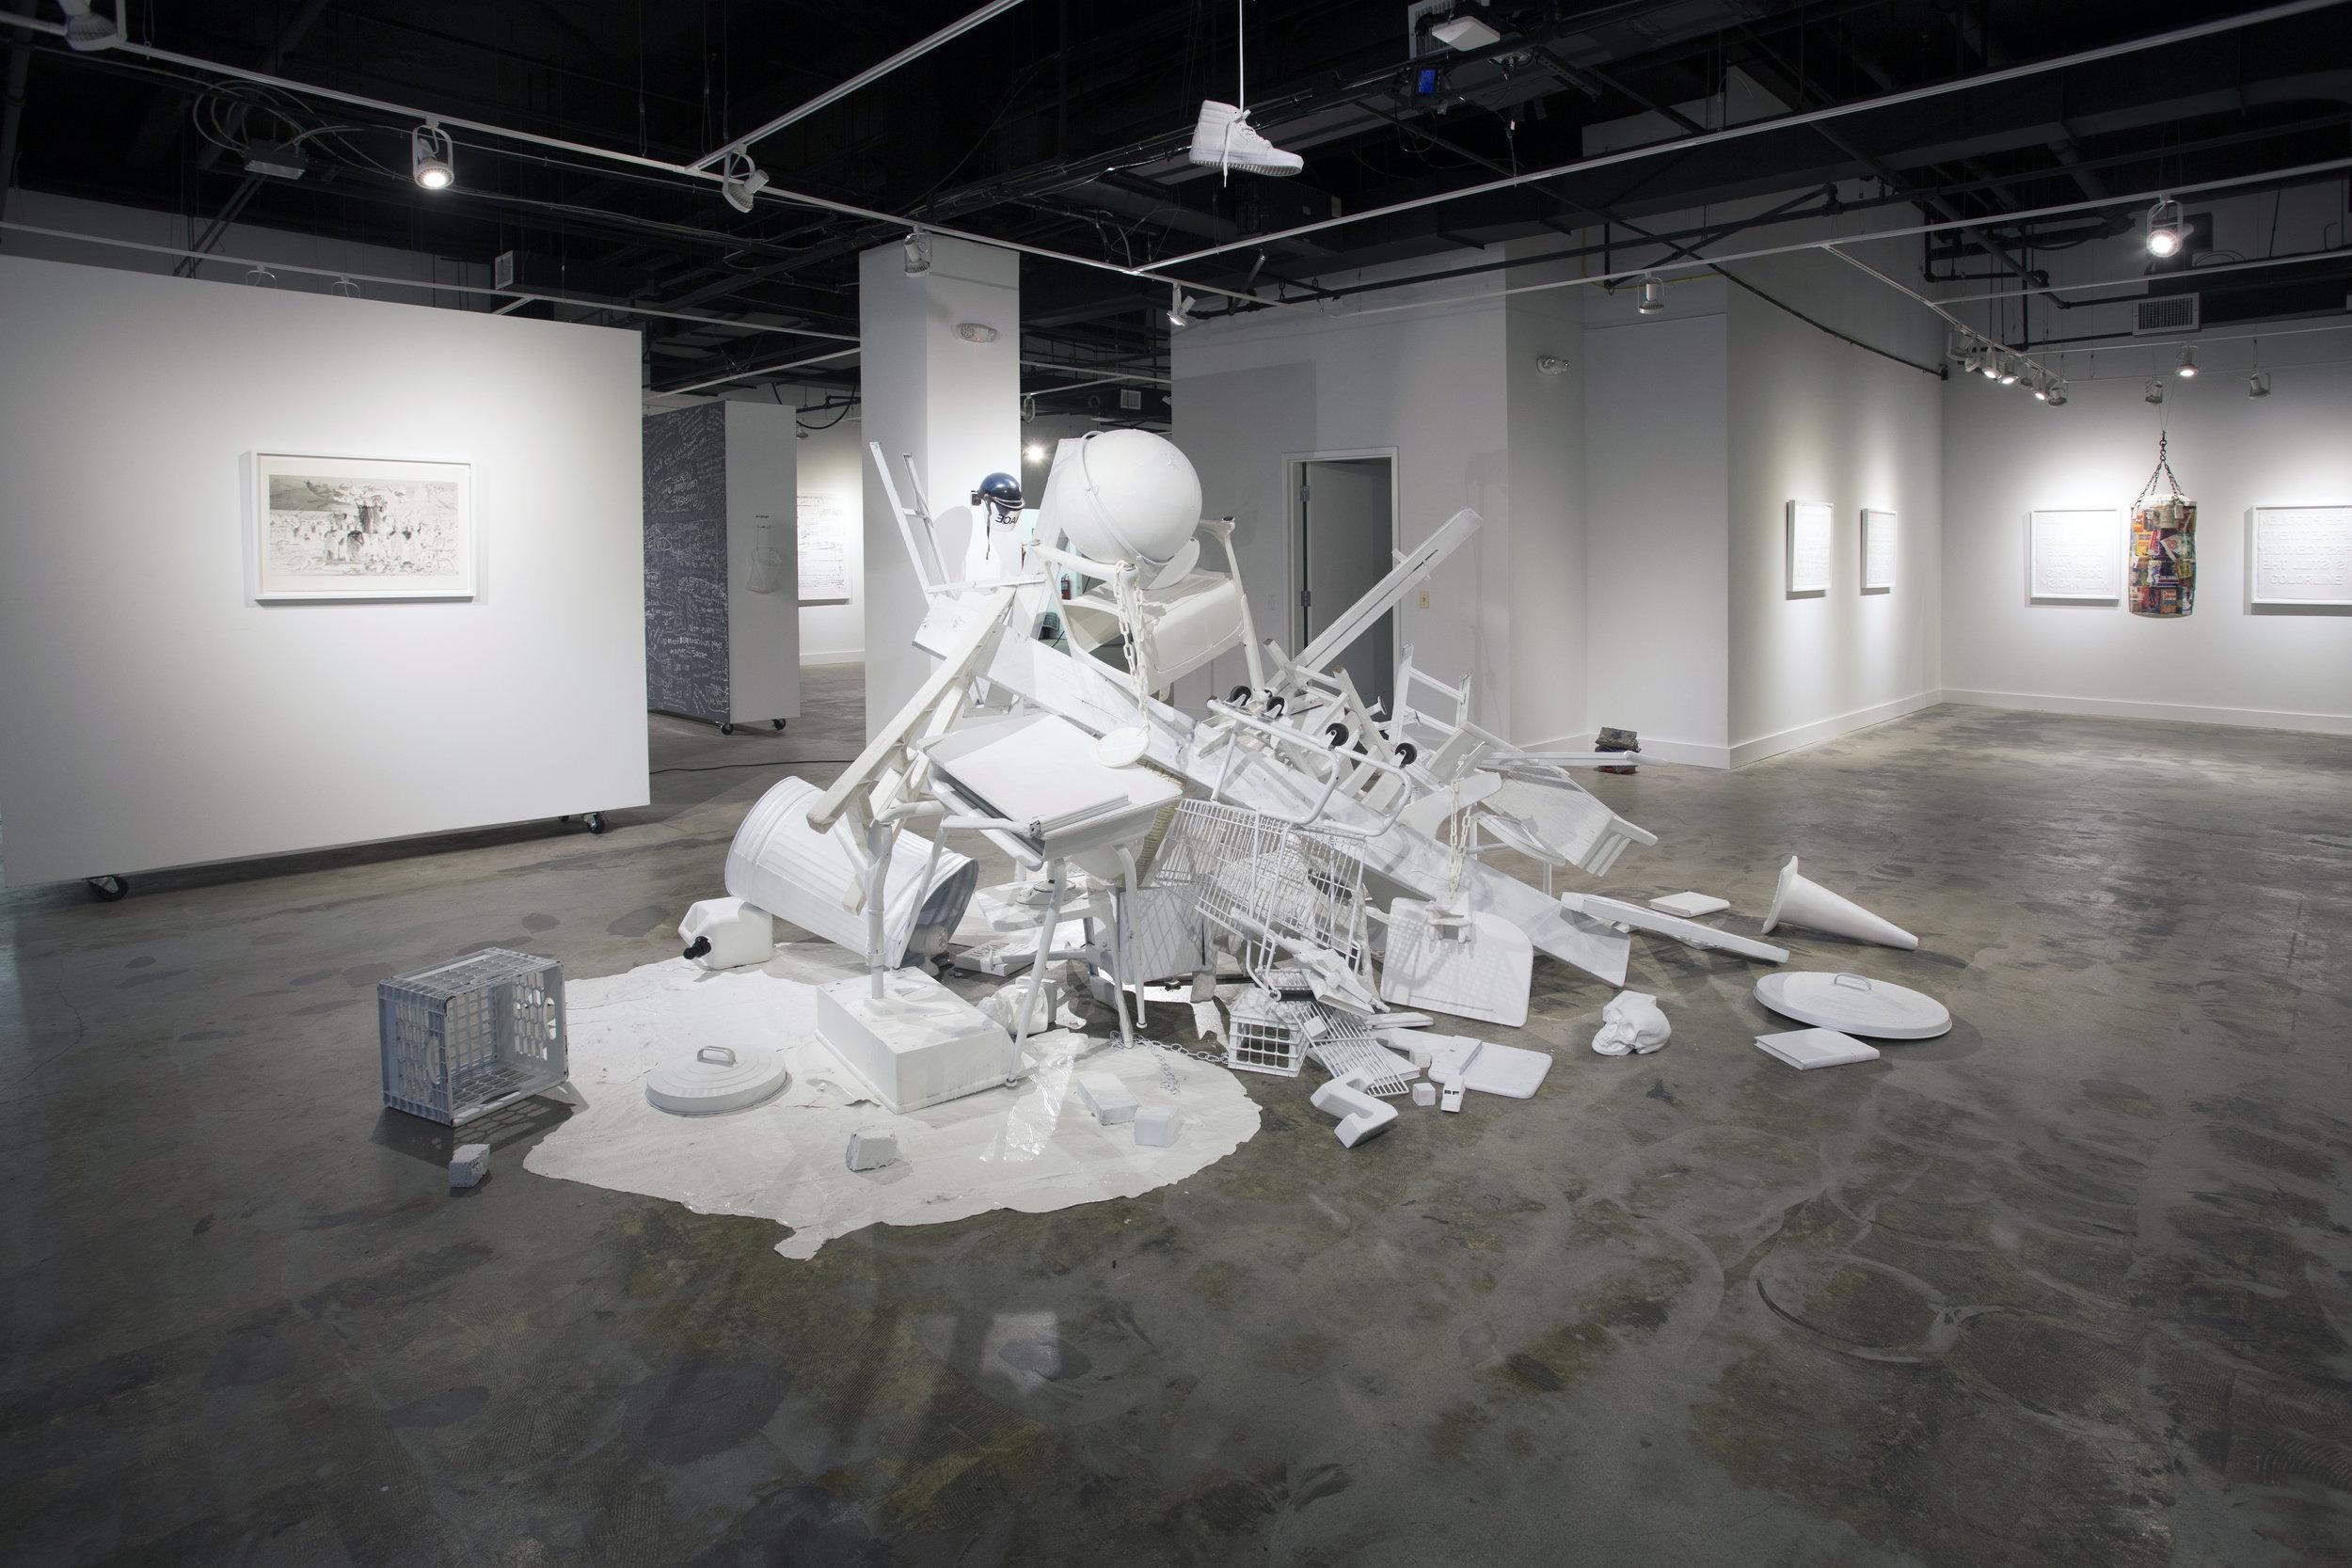 JC LENOCHAN: RAISING A RIOT